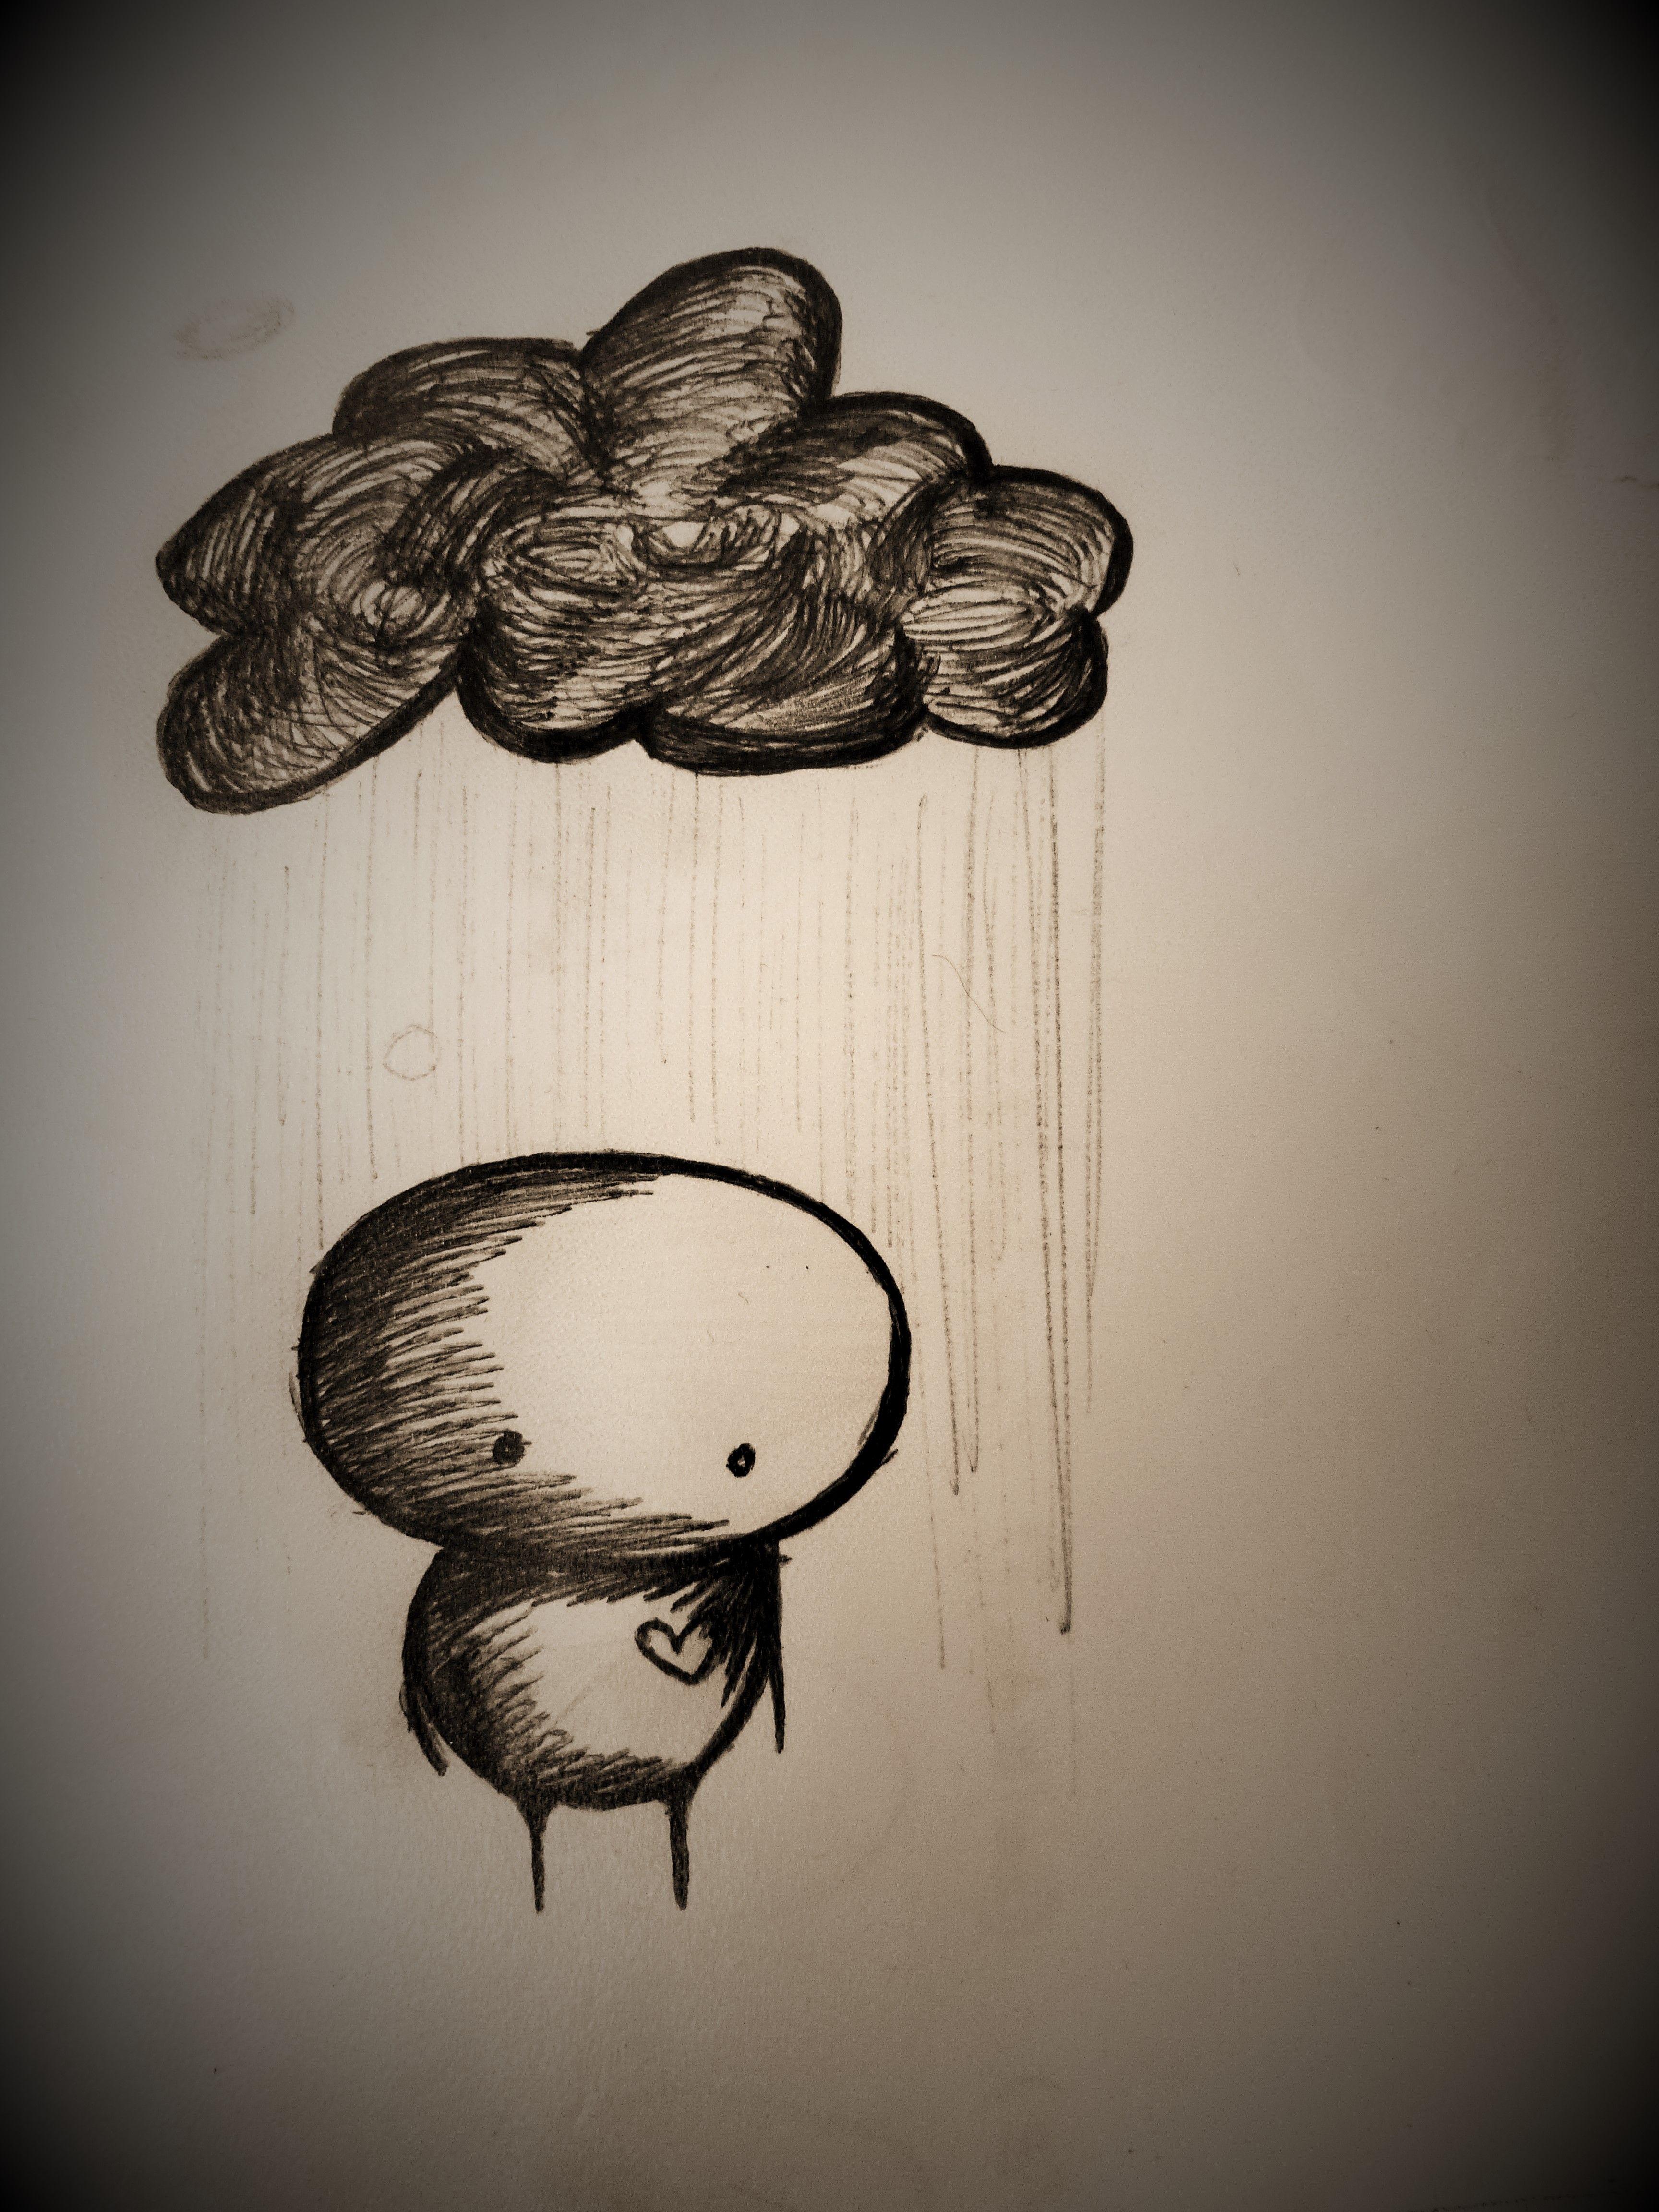 Petit homme triste art dessin pinterest homme triste petit homme et triste - Dessin triste ...